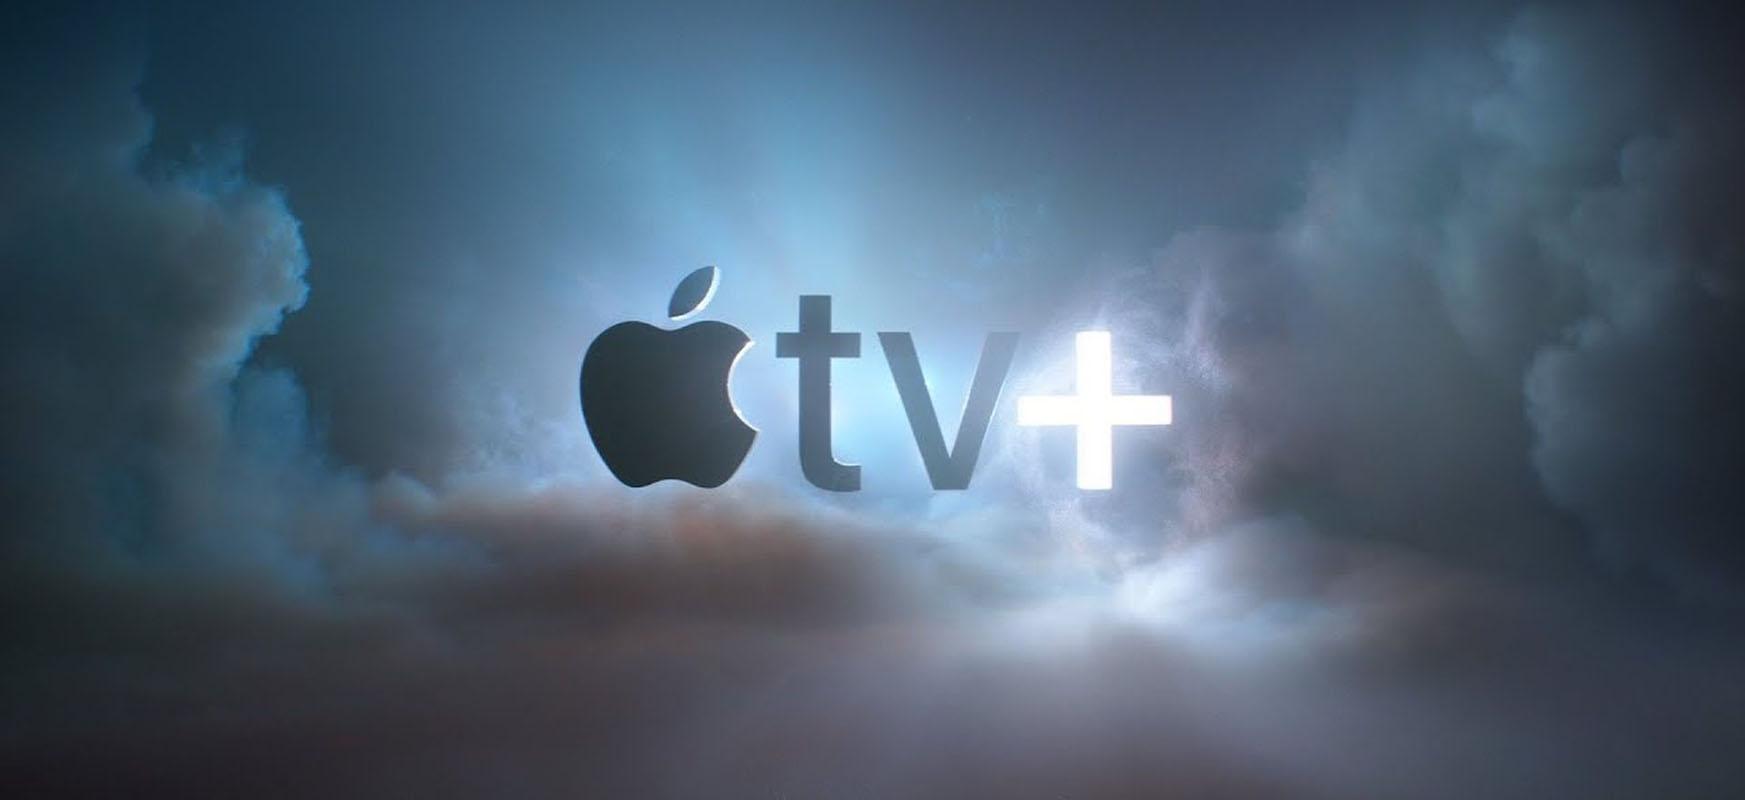 Nola funtzionatzen duen egiaztatu nuen Apple Telebista LG telebistetan.  Eta funtsean ez dakit zergatik behar dudan ekipoa Apple'eta